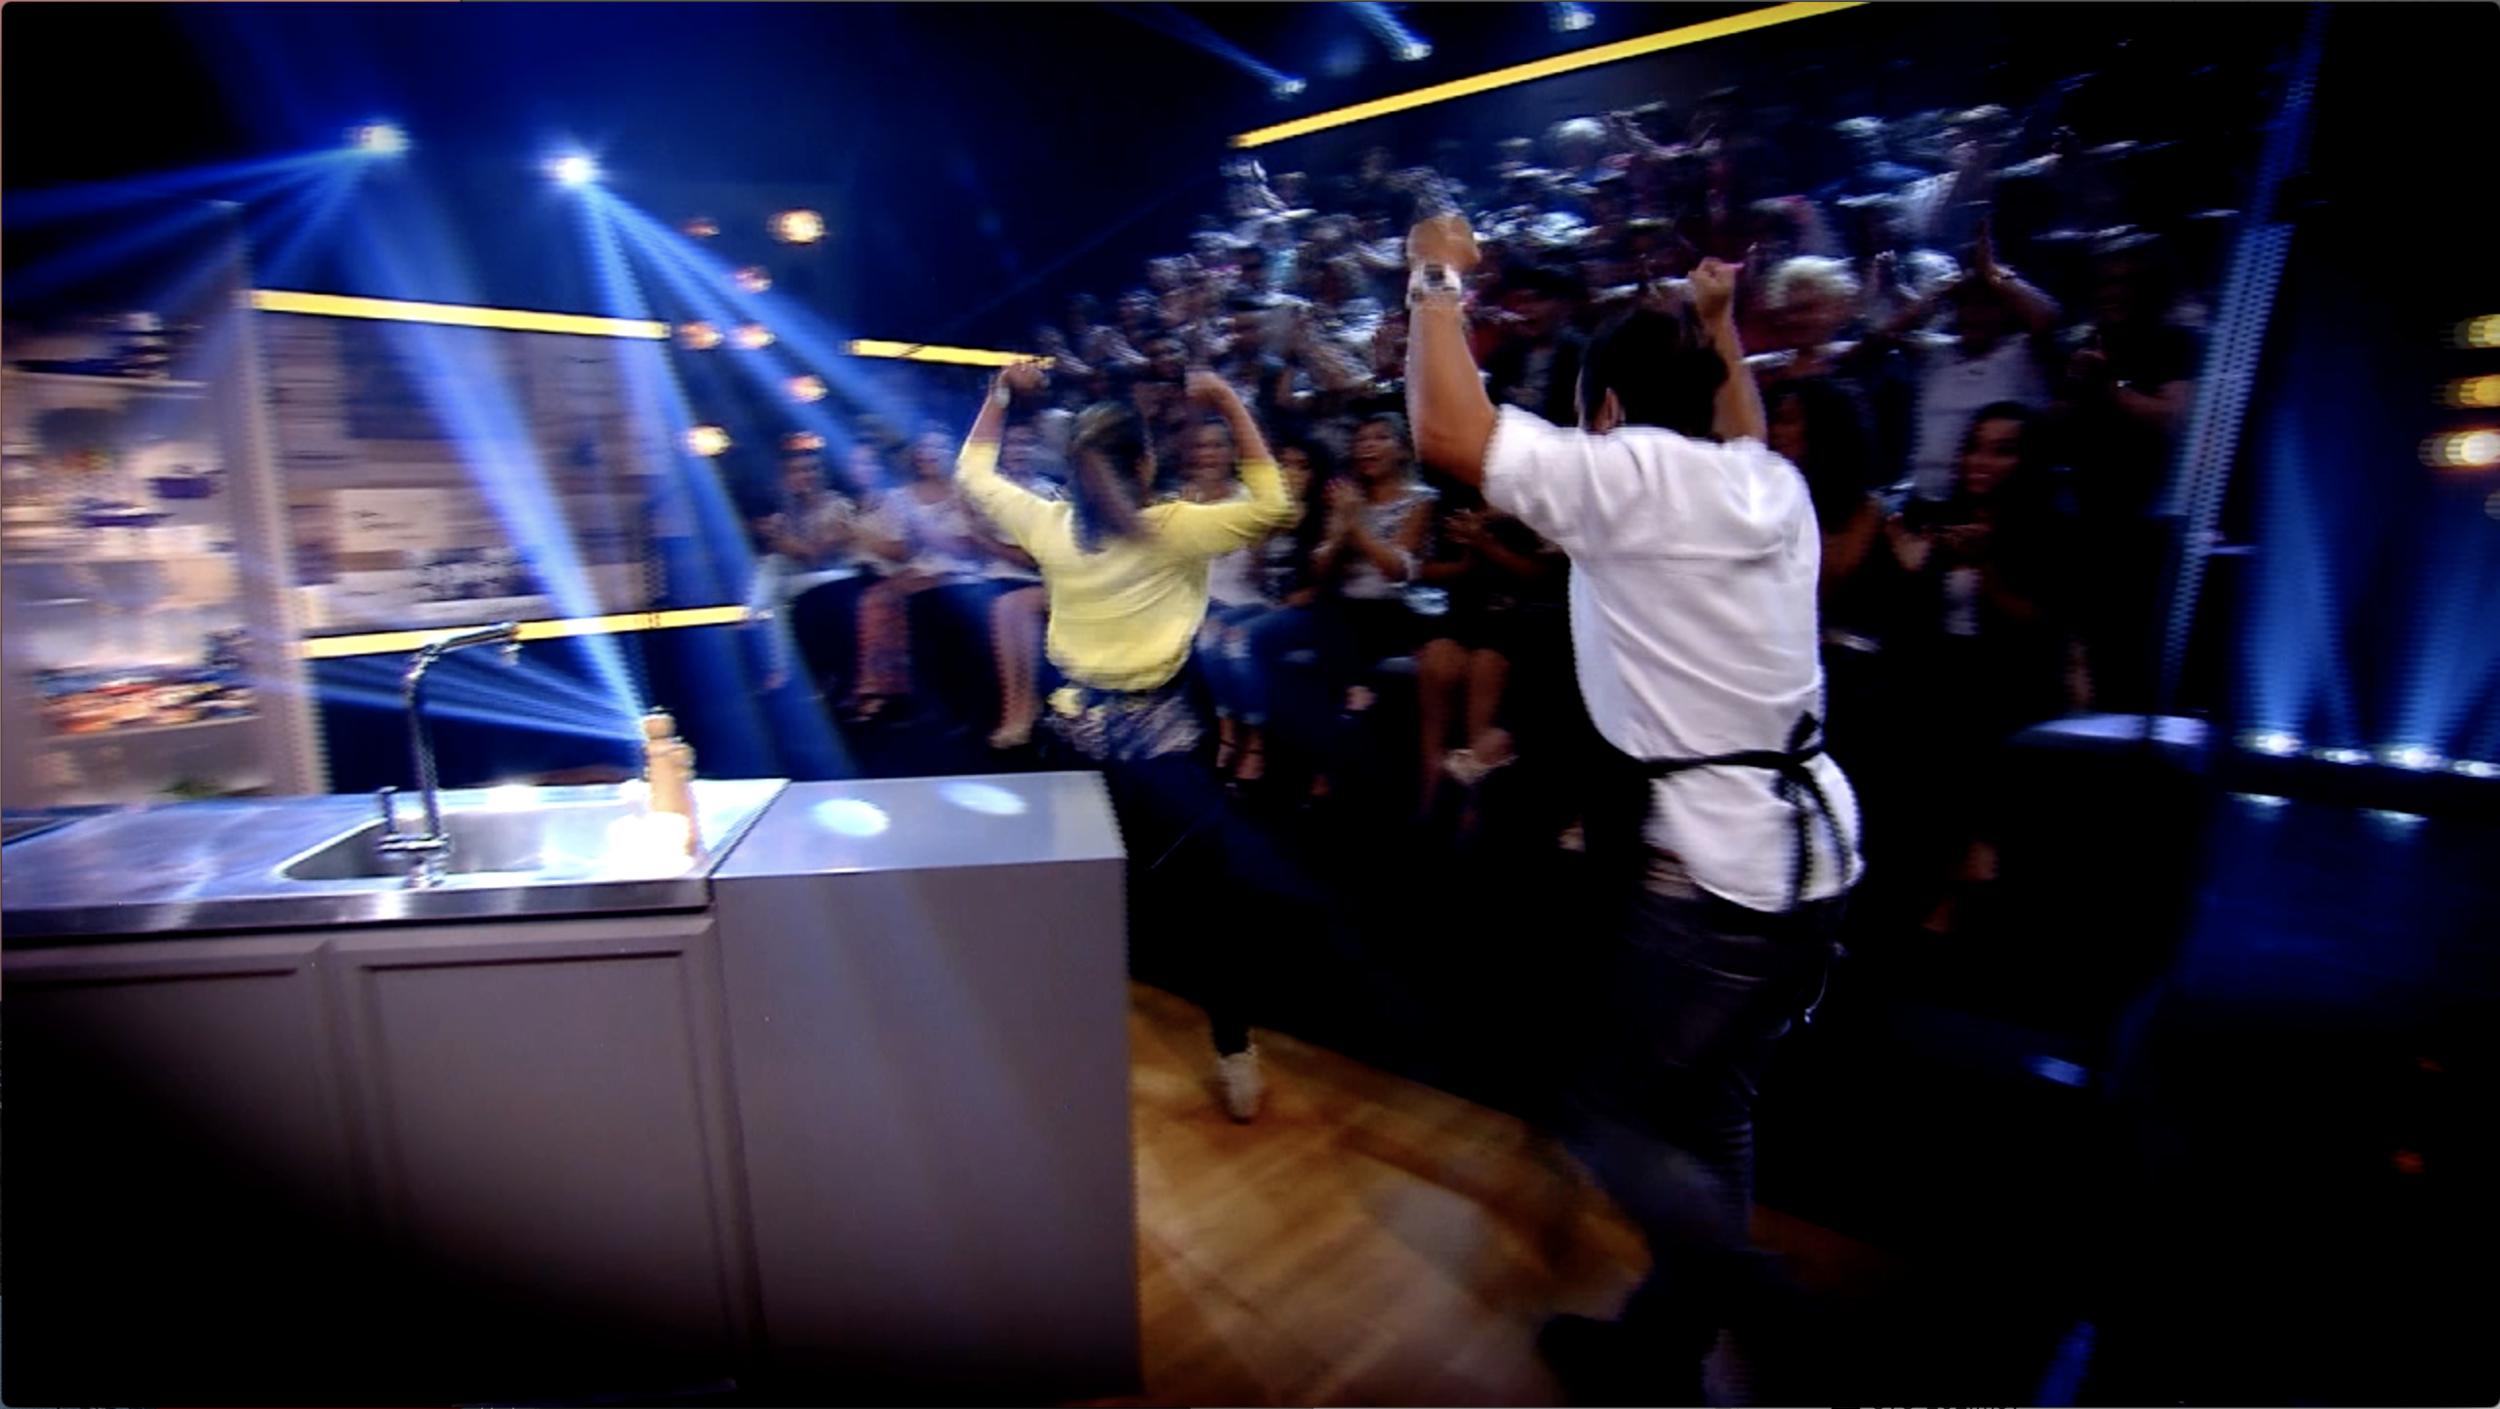 Batalha_dos_cozinheiros_2.png